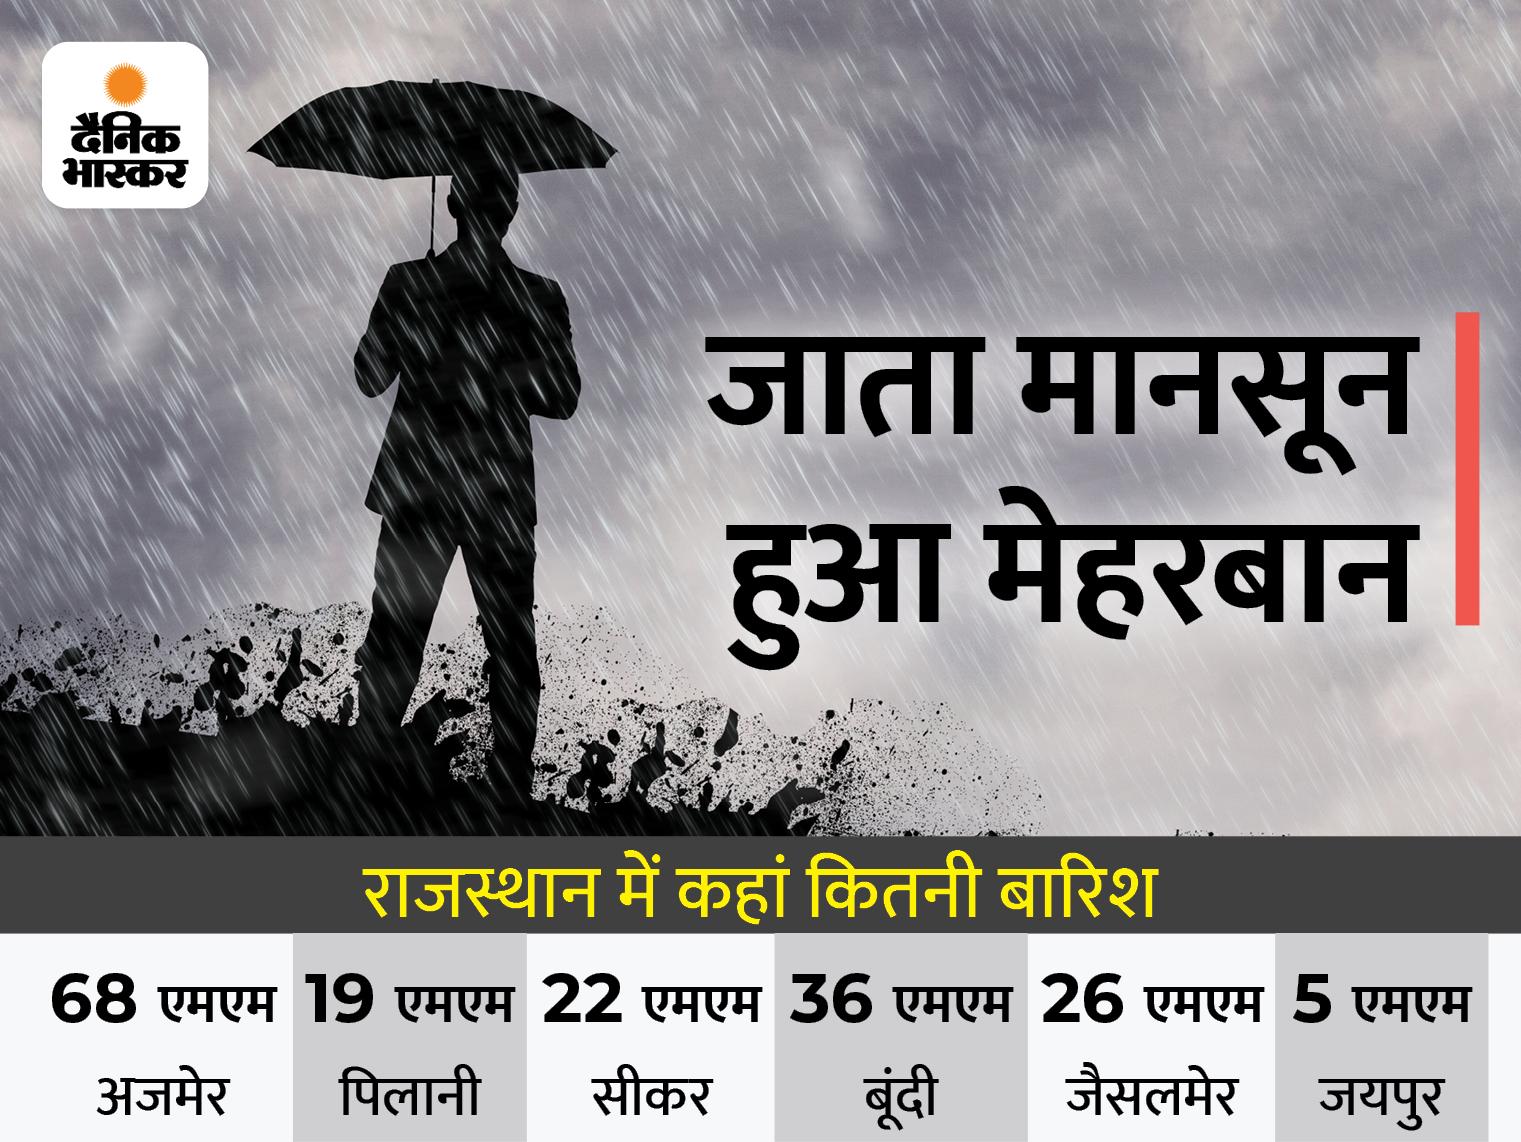 राजस्थान में बीसलपुर बांध का जलस्तर बढ़ा, आज जयपुर व उदयपुर संभाग में भारी बारिश की चेतावनी|जयपुर,Jaipur - Dainik Bhaskar